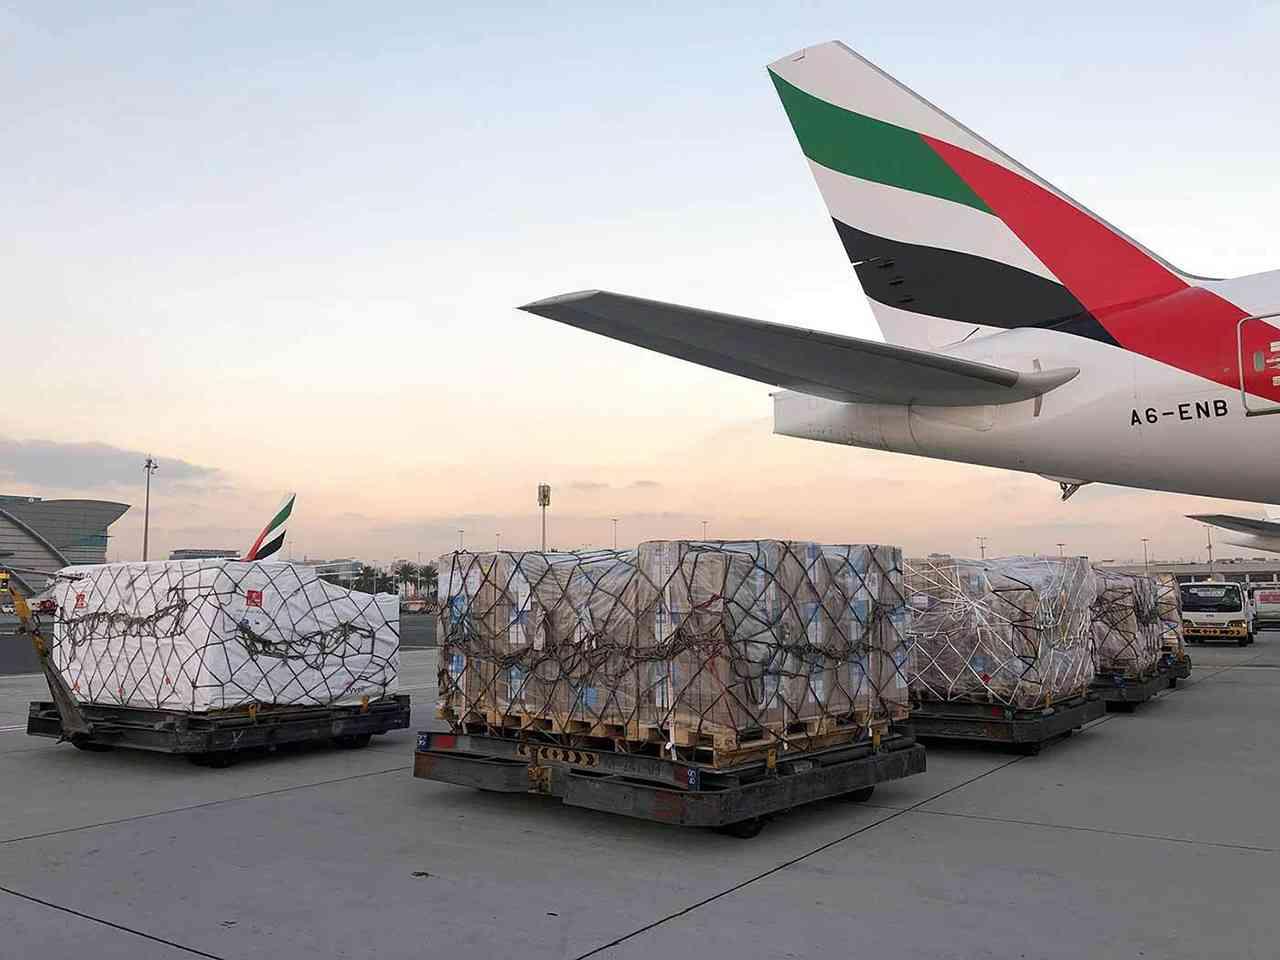 الصحة العالمية تشيد بالدعم الذي تقدمه الإمارات لتلبية الاحتياجات الصحية في السودان